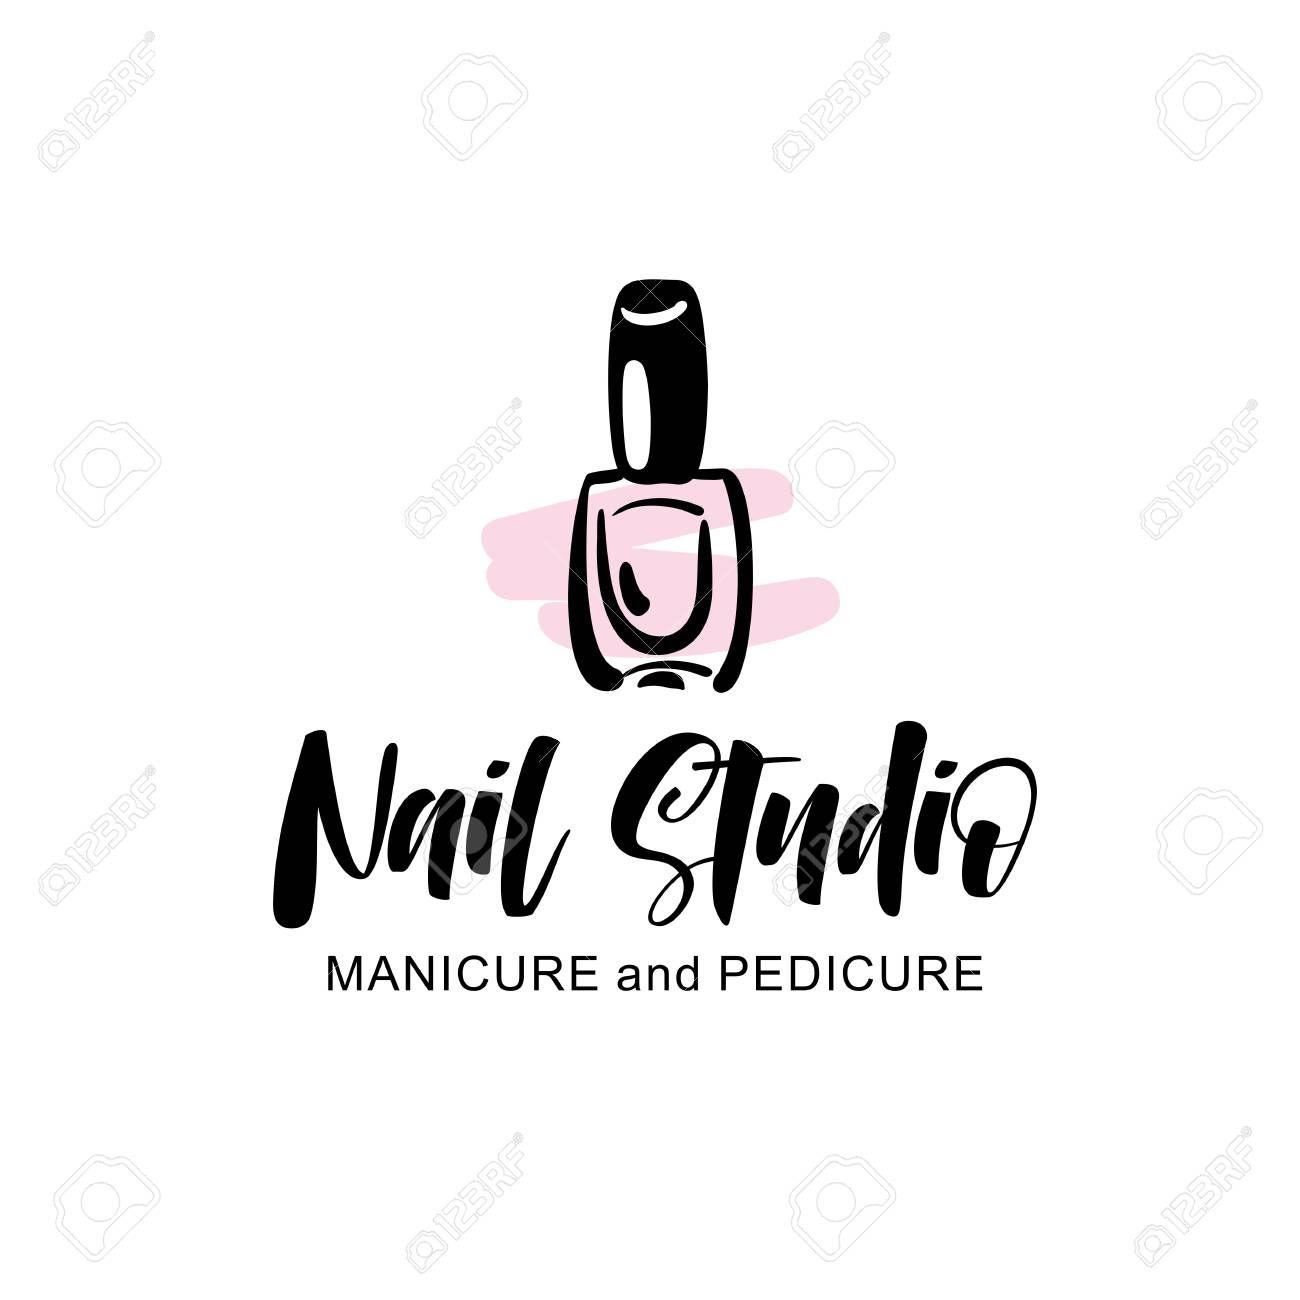 Nail studio logo Illustration , ad, studio, Nail,